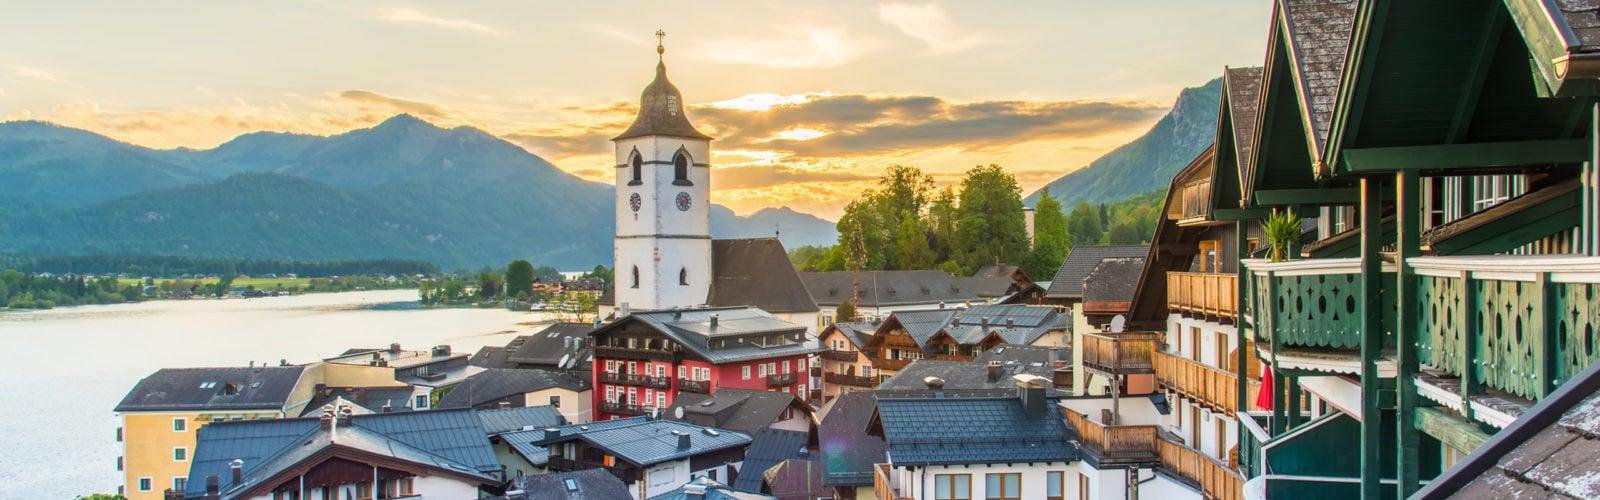 st-wolfgang-summer-sunset-austria